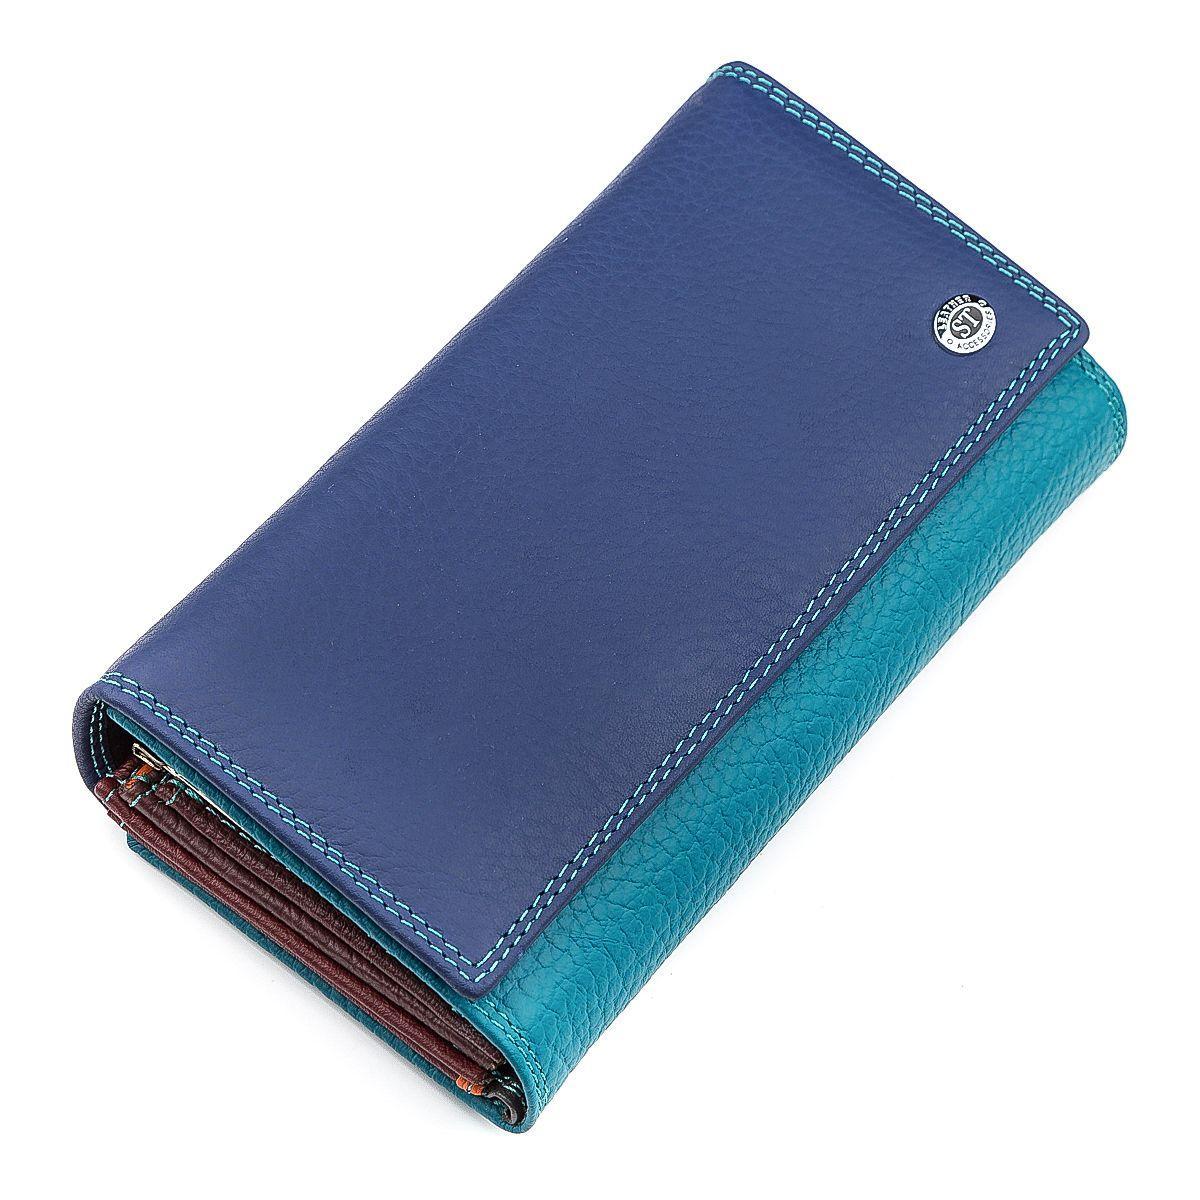 Кошелек женский ST Leather 18413 (SB46) кожа Синий, Синий